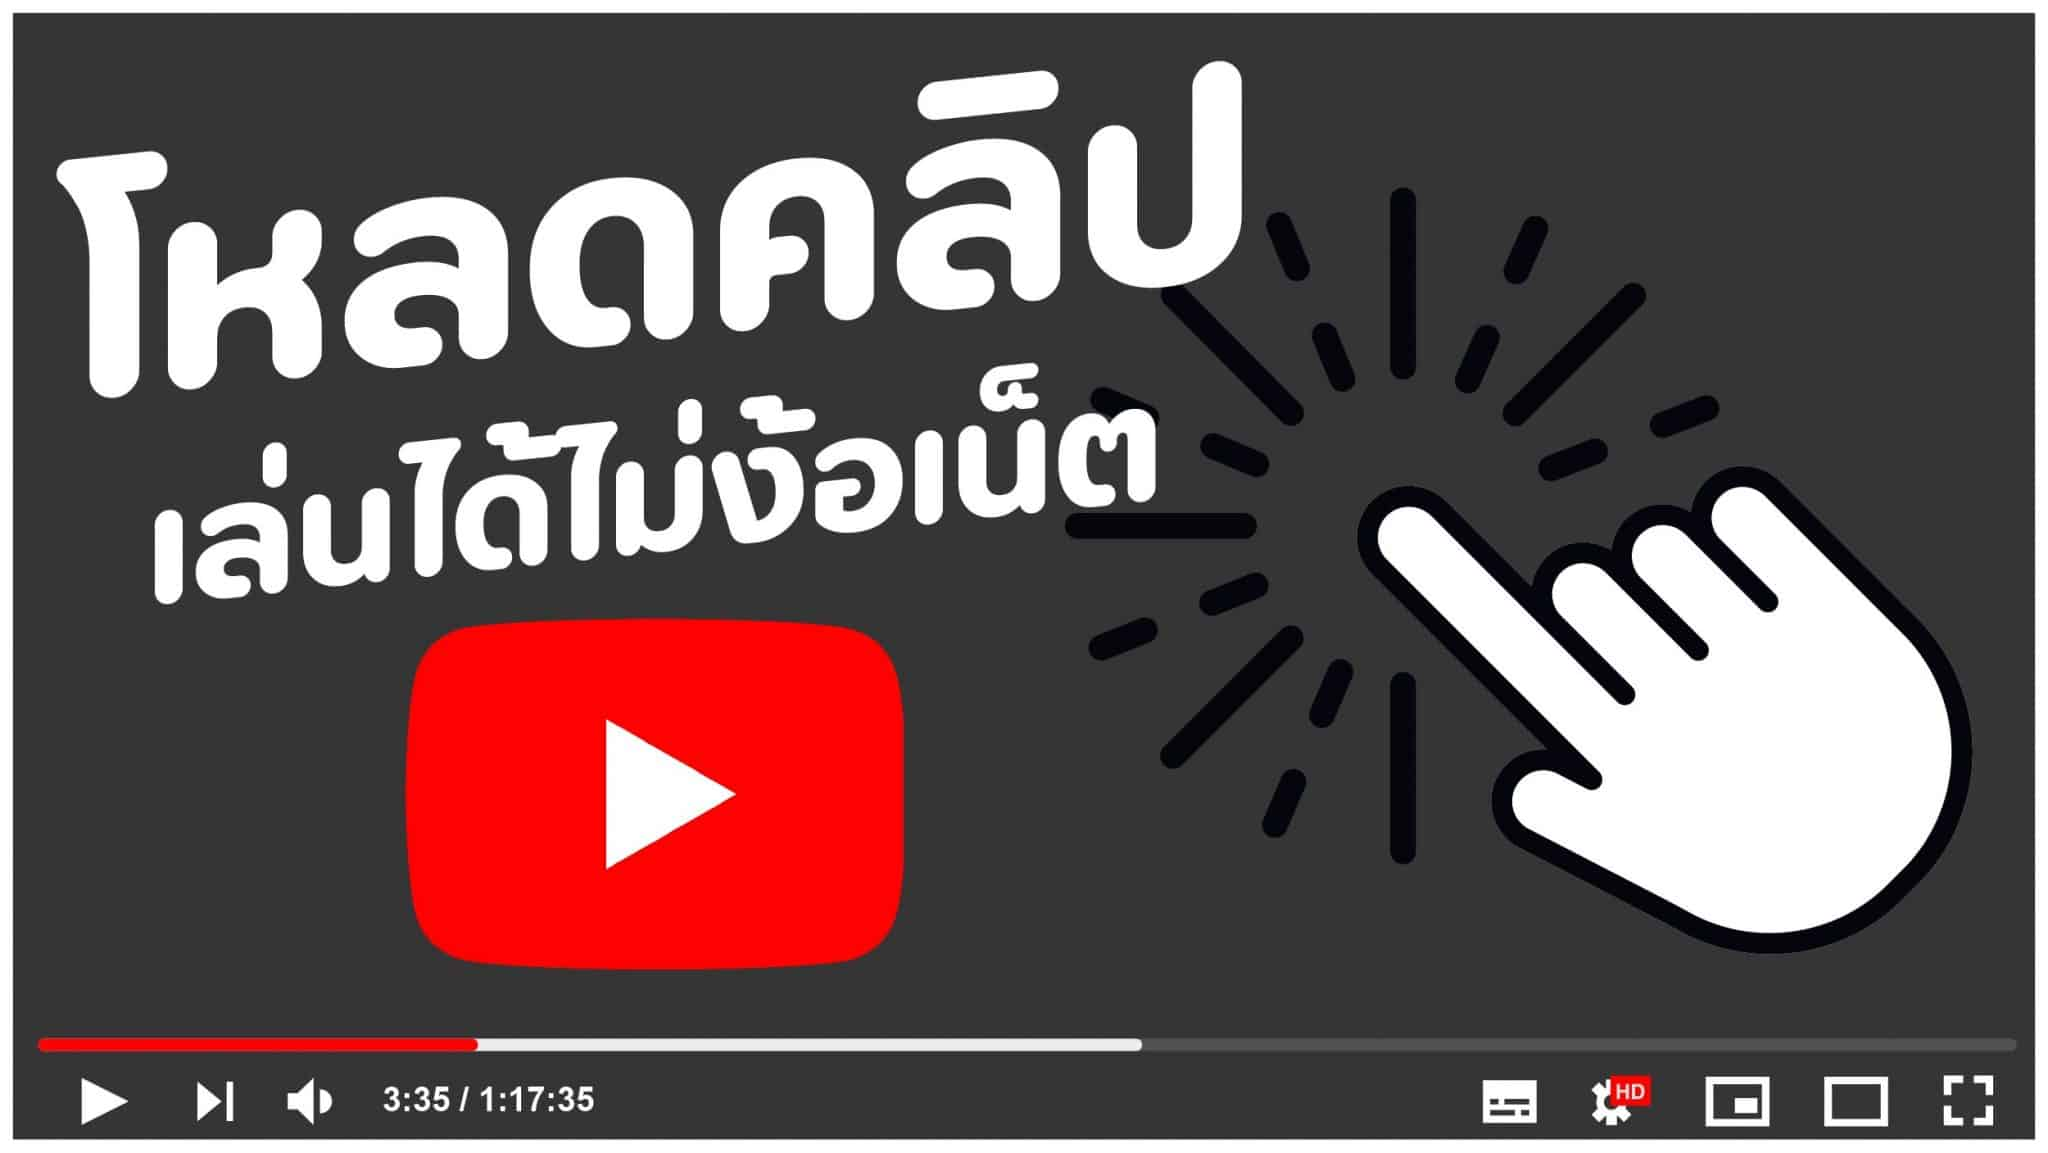 วิธีดาวน์โหลด youtube